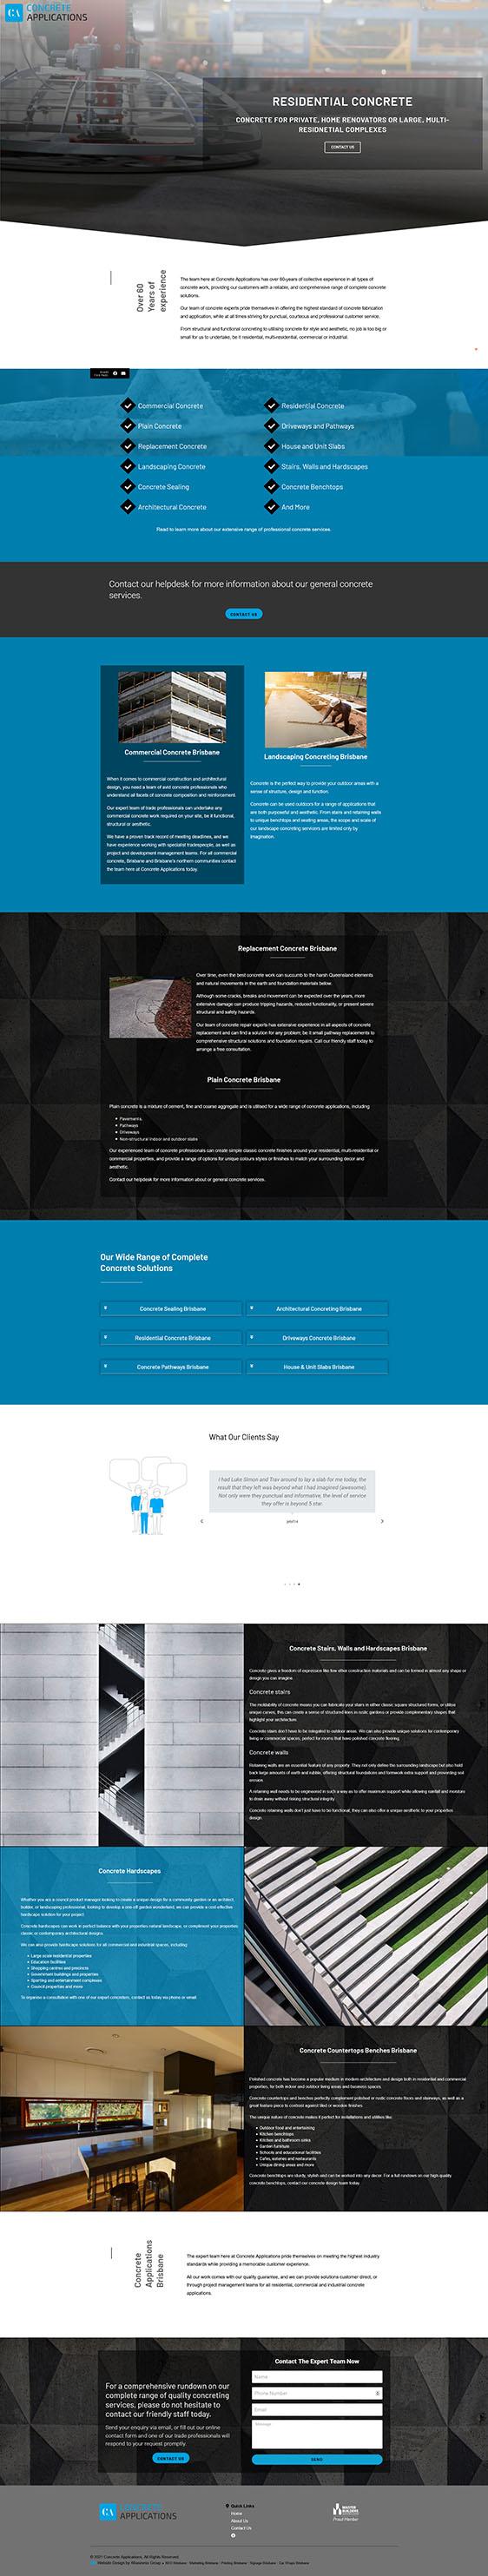 Concrete Applications: Desktop View